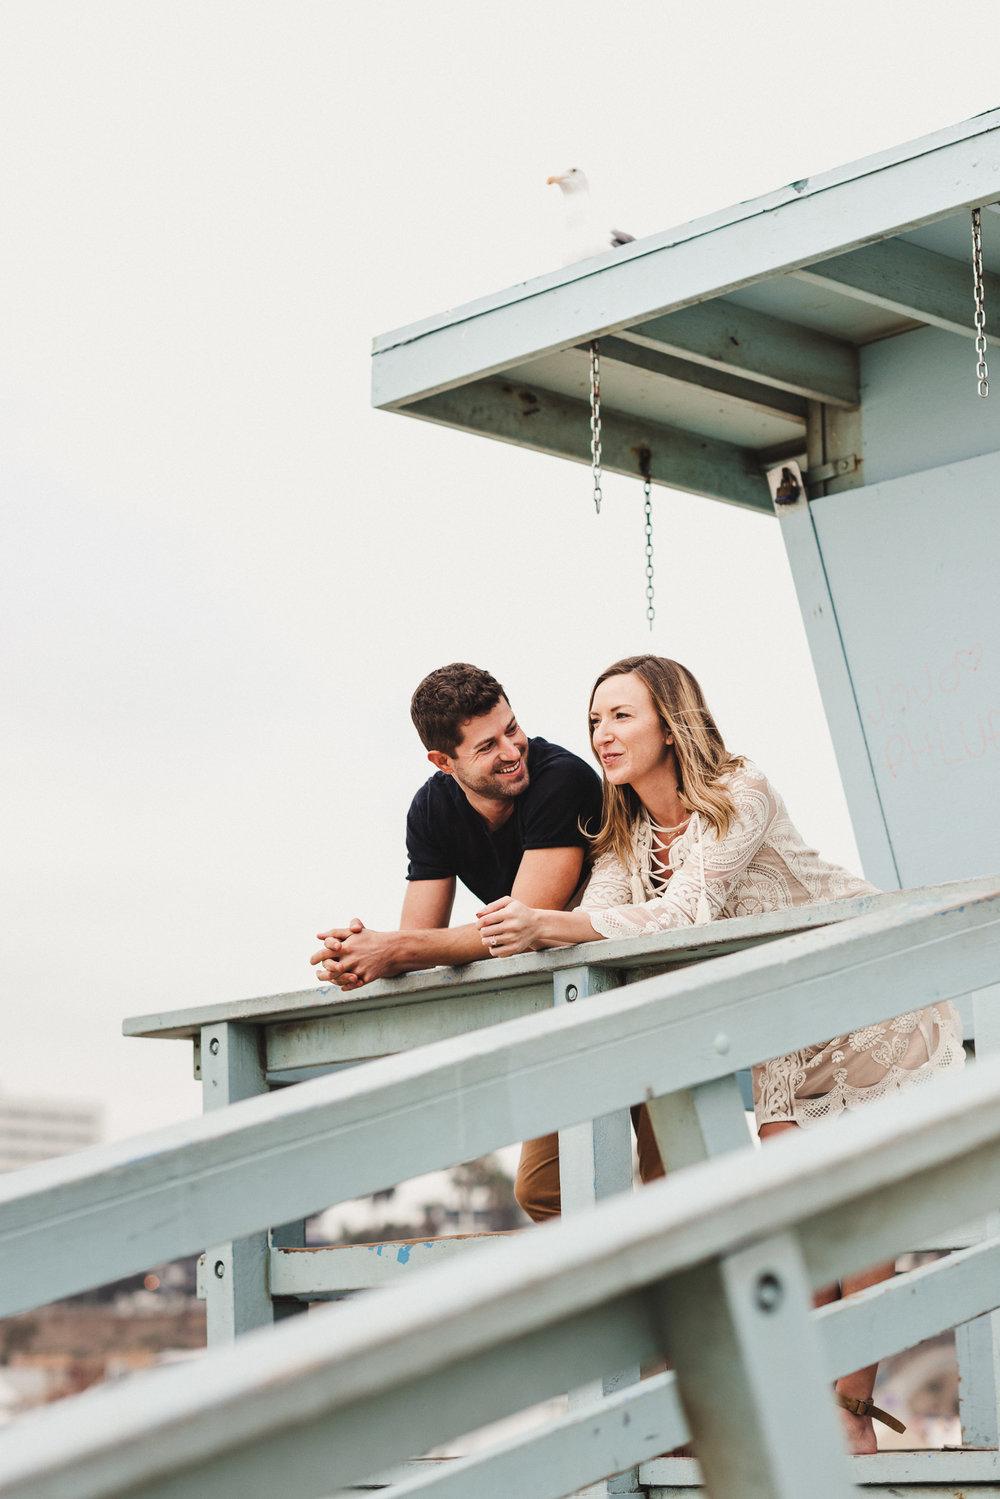 sKate + Danny - Engagement, Santa Monica-56.jpg